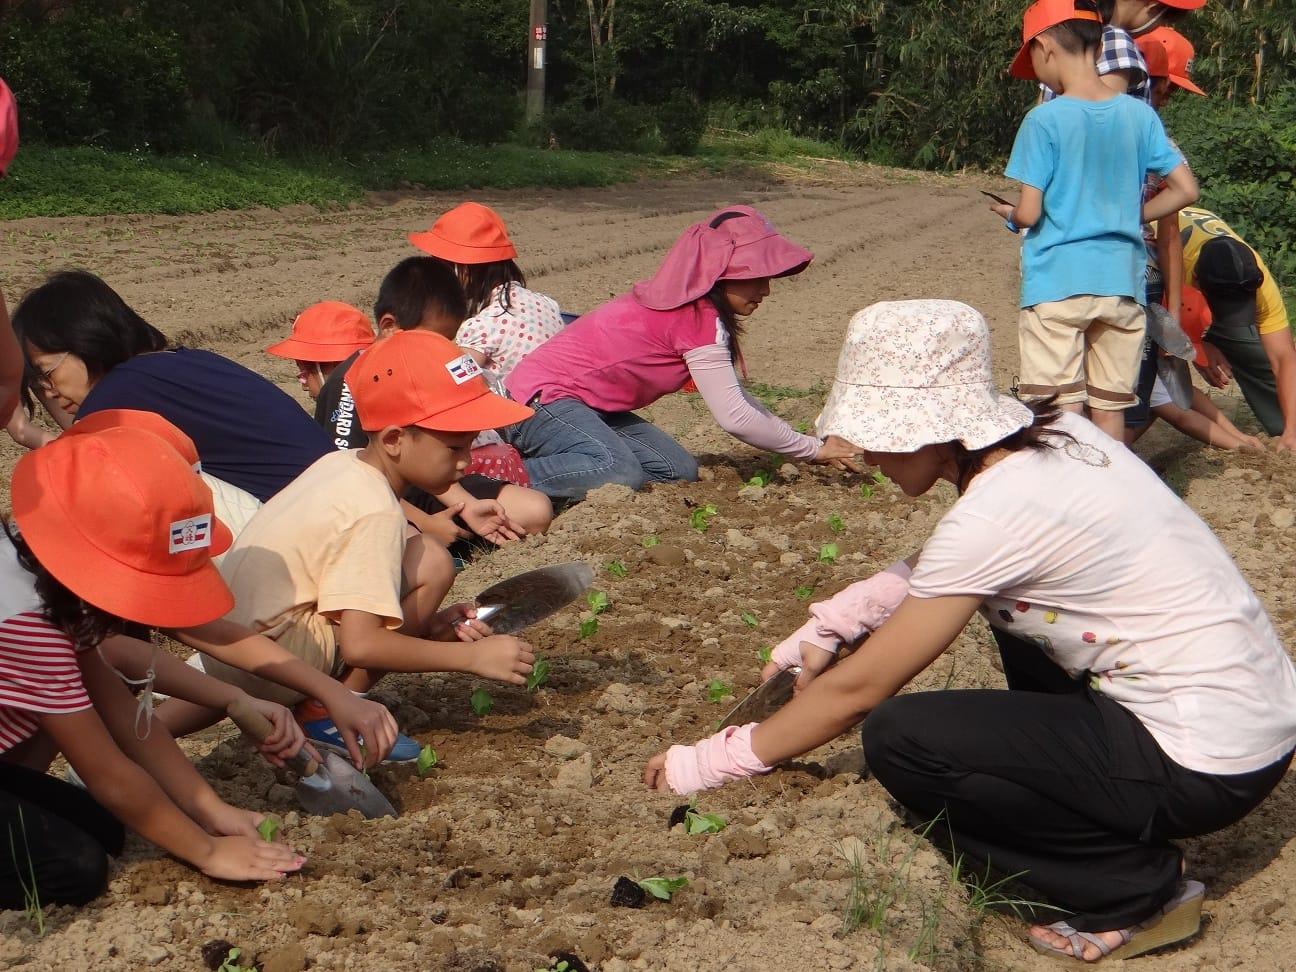 種下小菜苗,期待它快快長大。